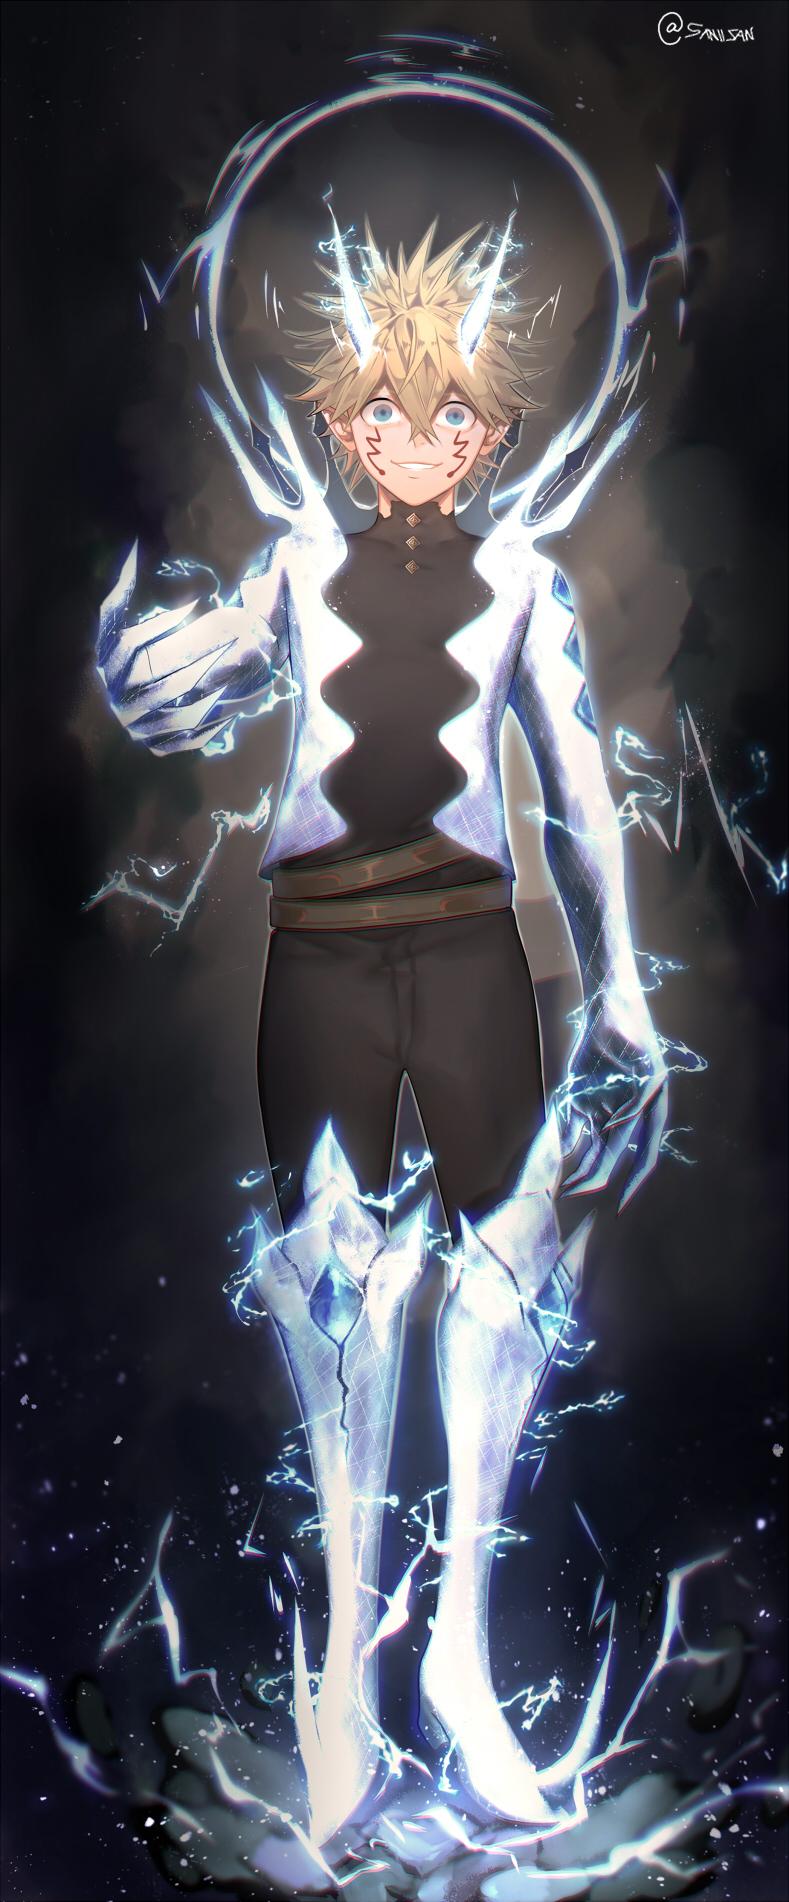 Luck Voltia Black Clover Zerochan Anime Image Board